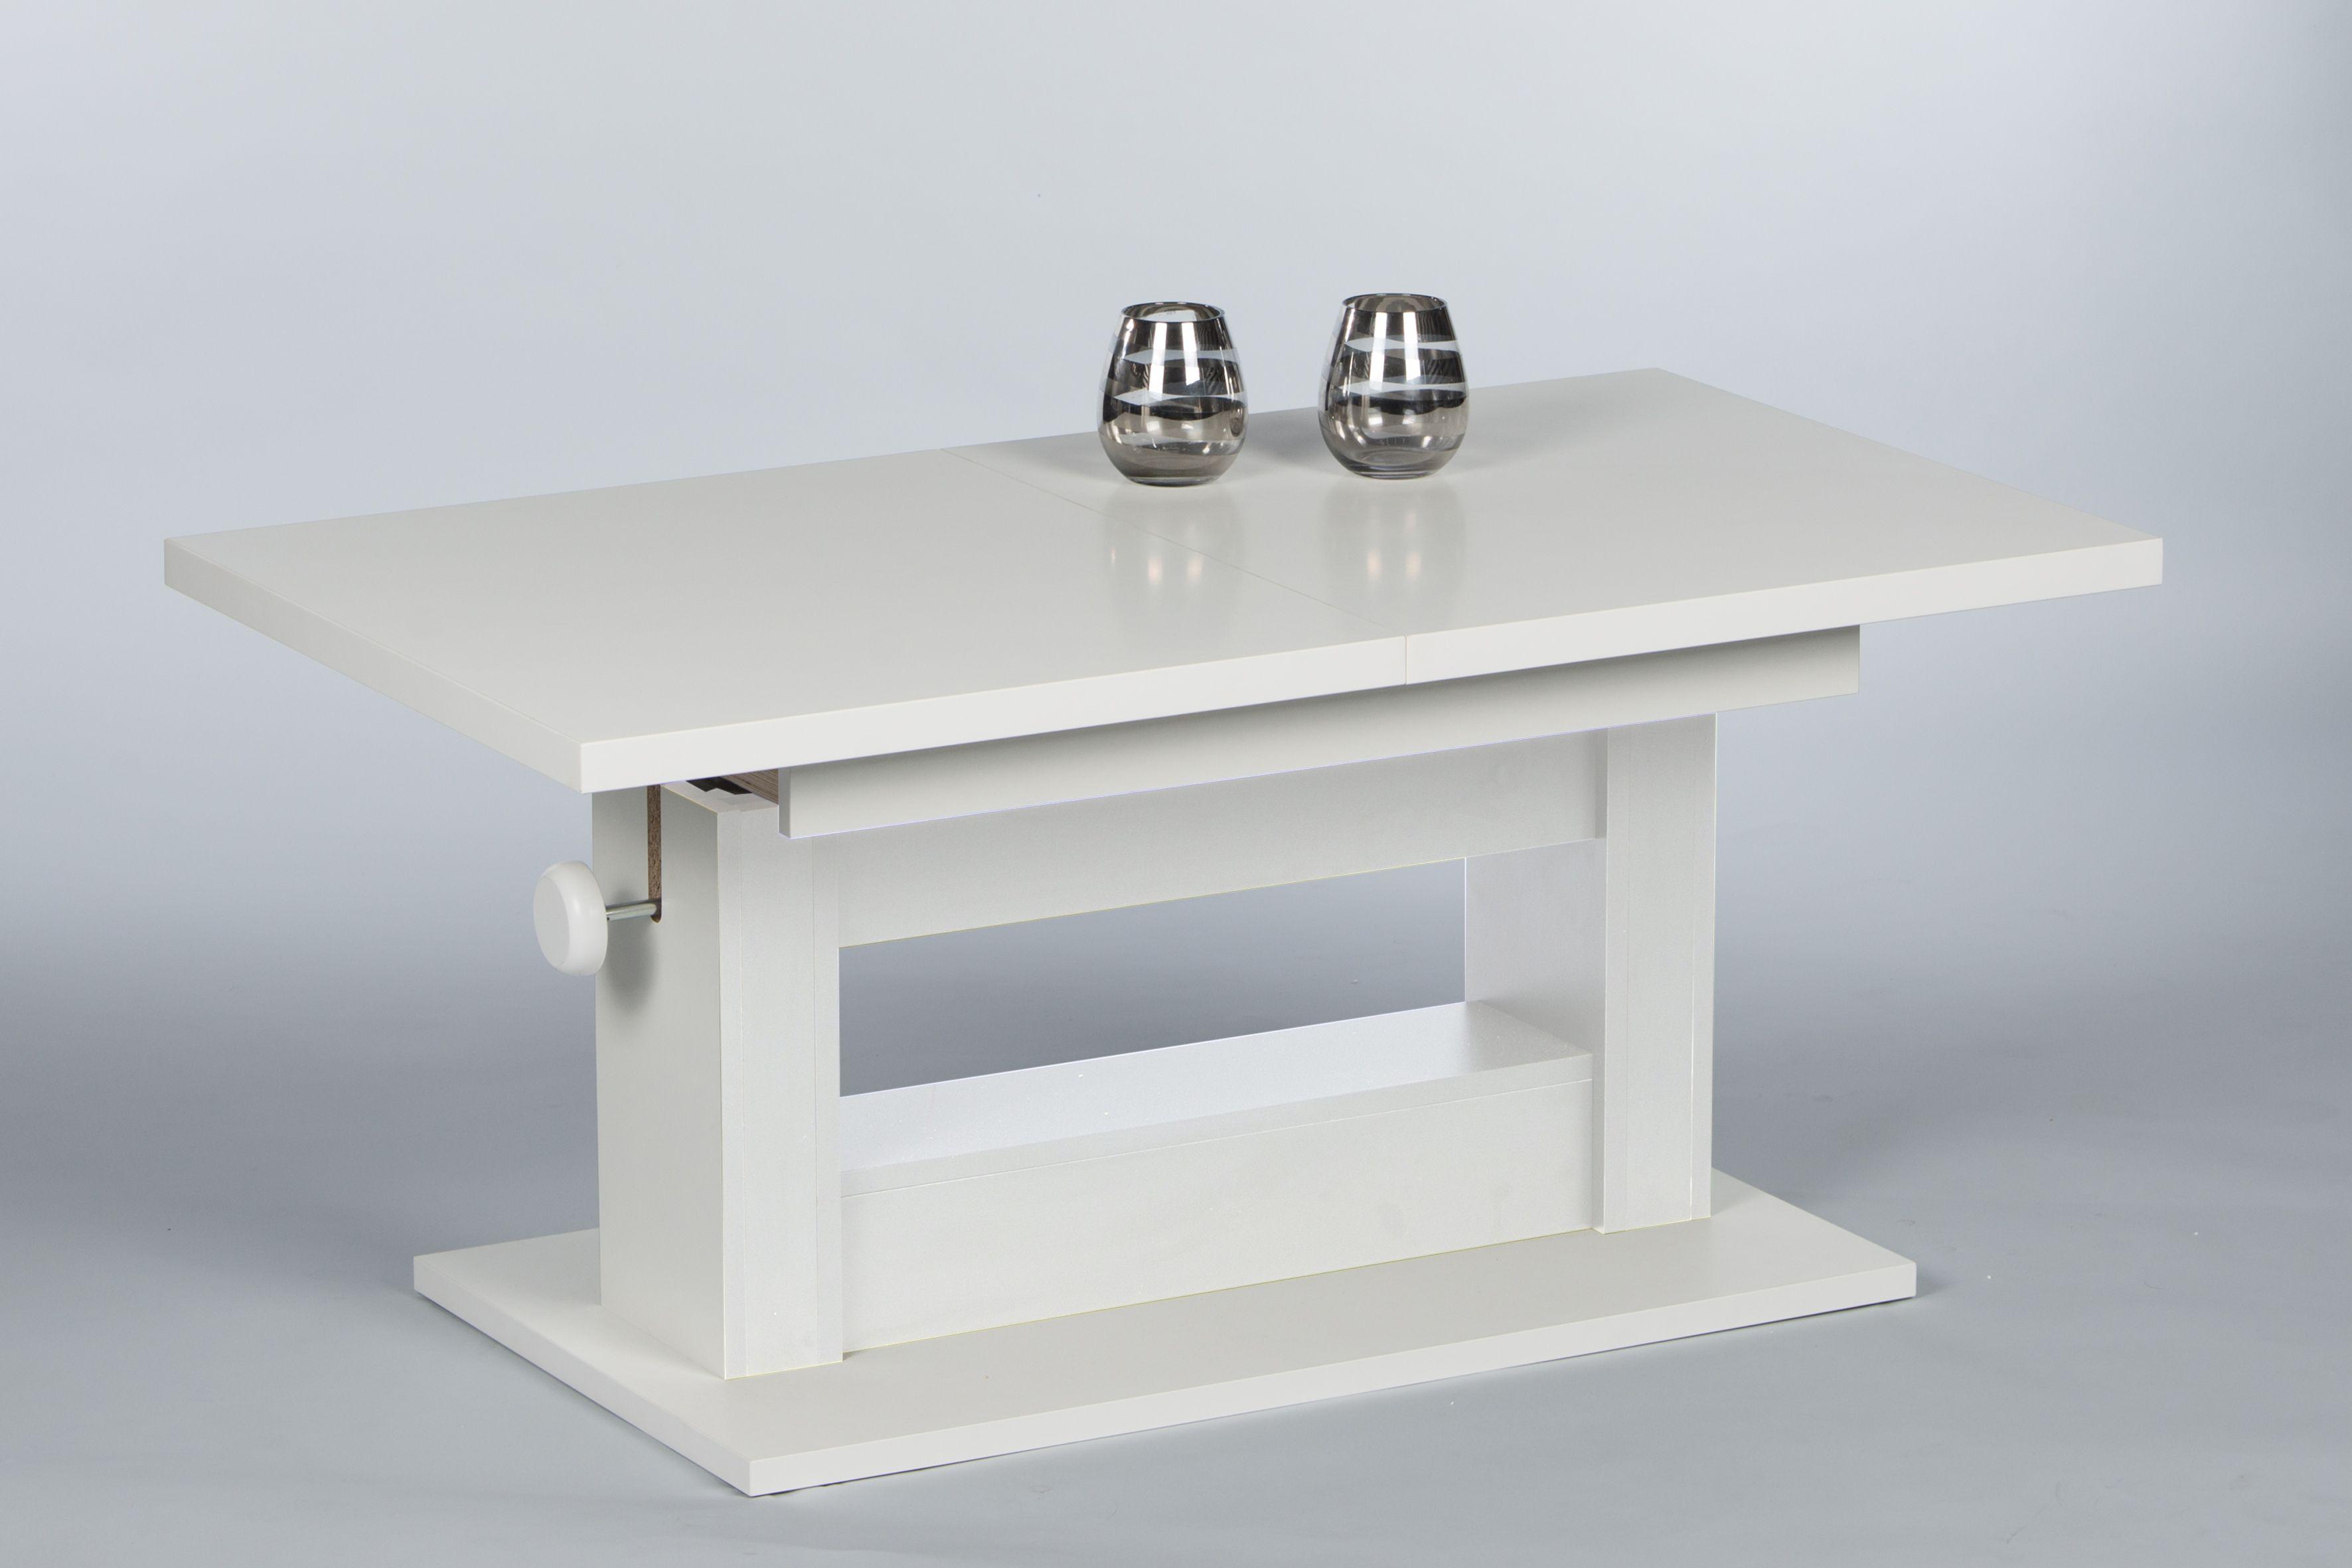 couchtisch wohnzimmertisch beistelltisch tisch h henverstellbar ausziehbar weiss ebay. Black Bedroom Furniture Sets. Home Design Ideas